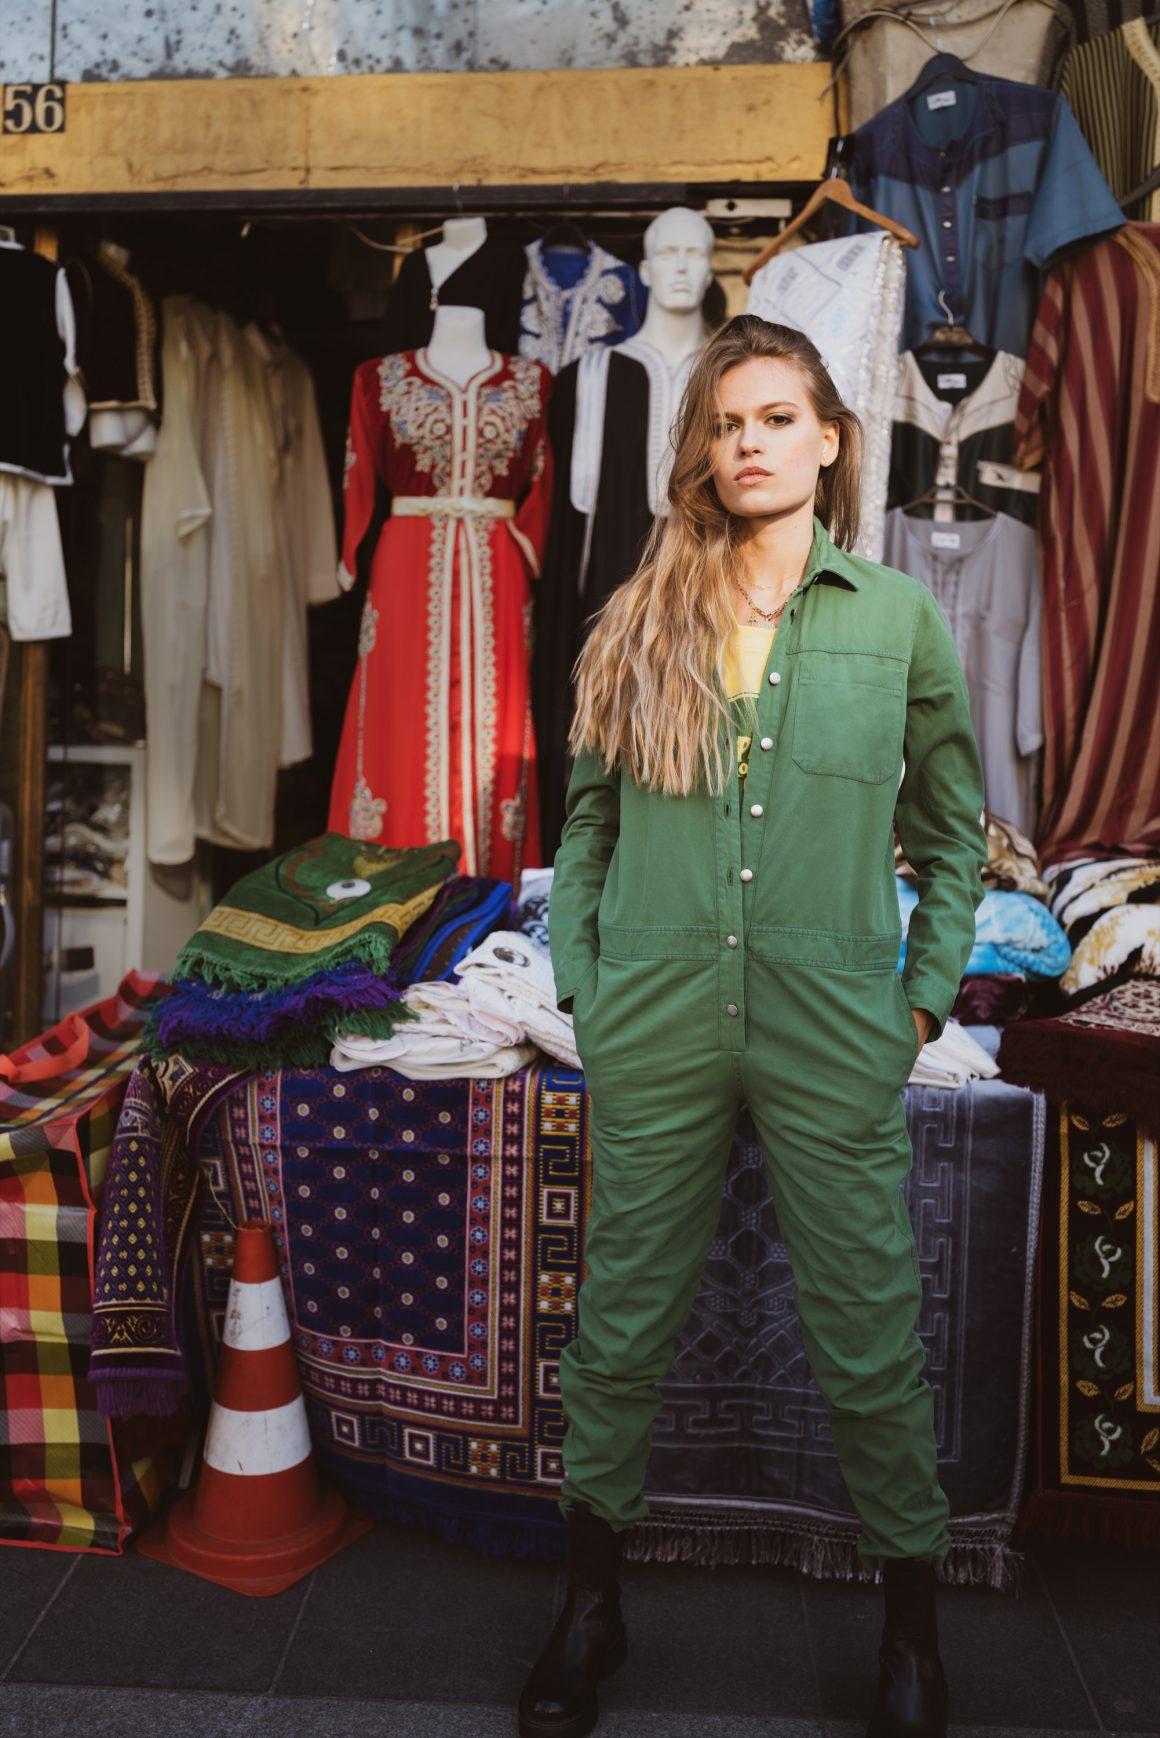 Cette sublime combi verte signe une allure workwear aux notes vintages